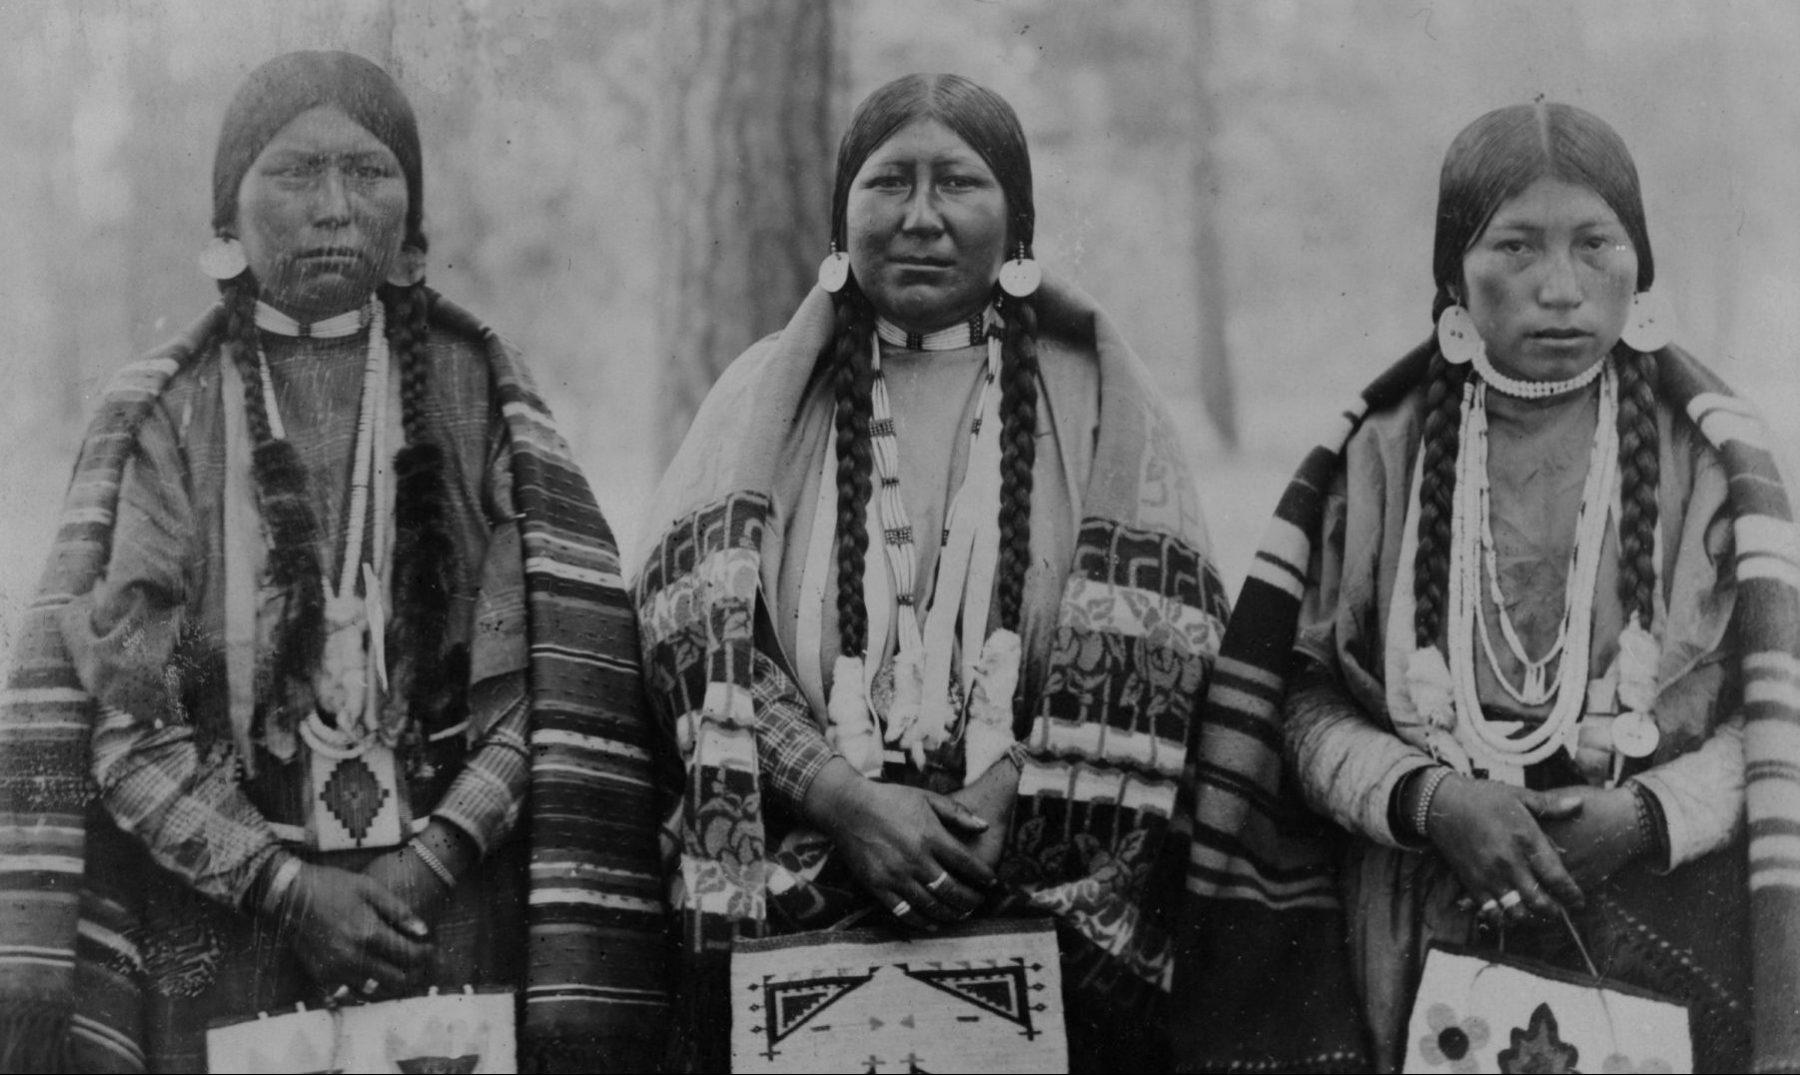 Los 5 g neros aceptados por los nativos americanos antes - Fogli da colorare nativo americano ...